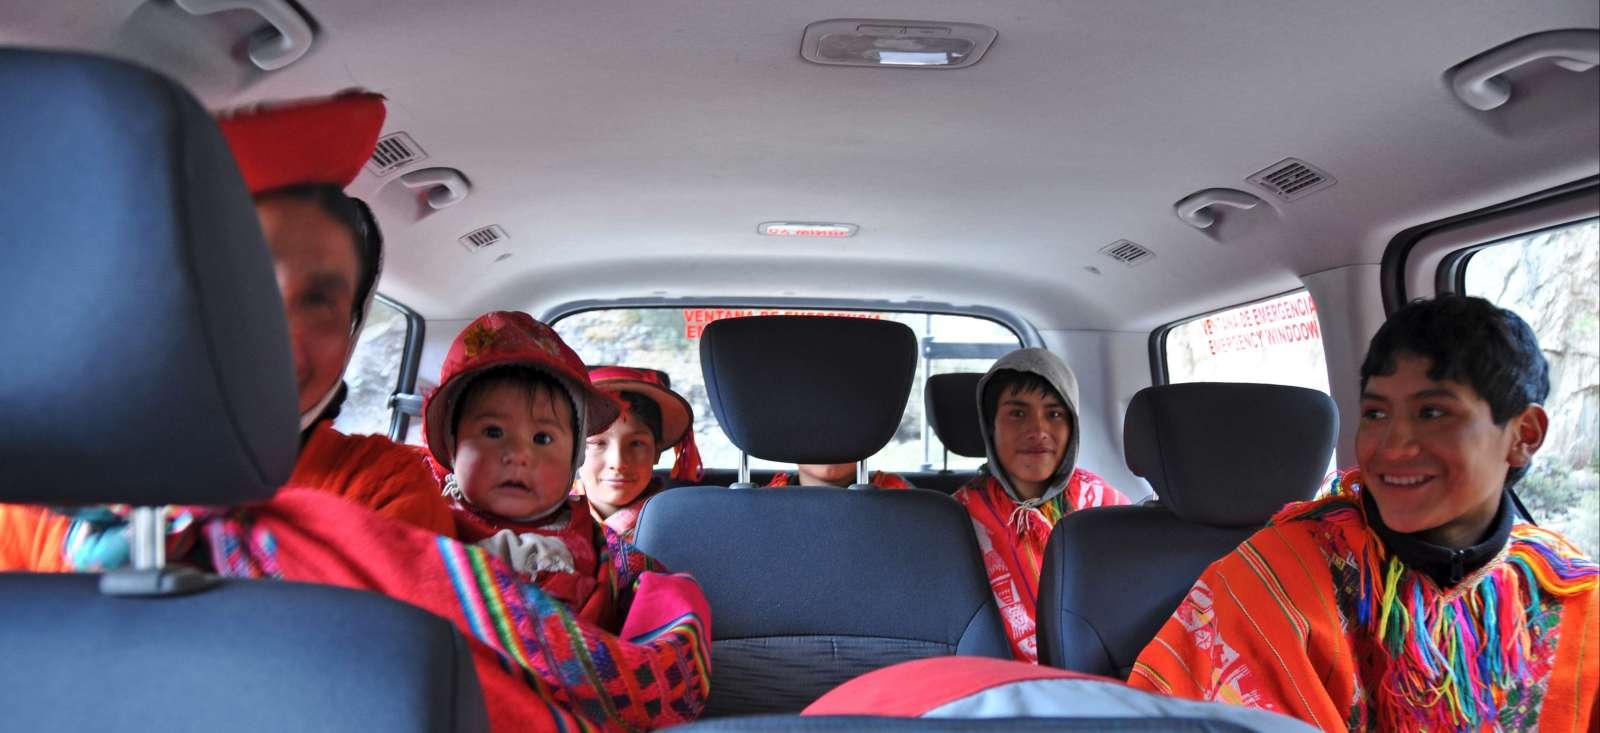 Voyage à pied : Autotour au Pérou